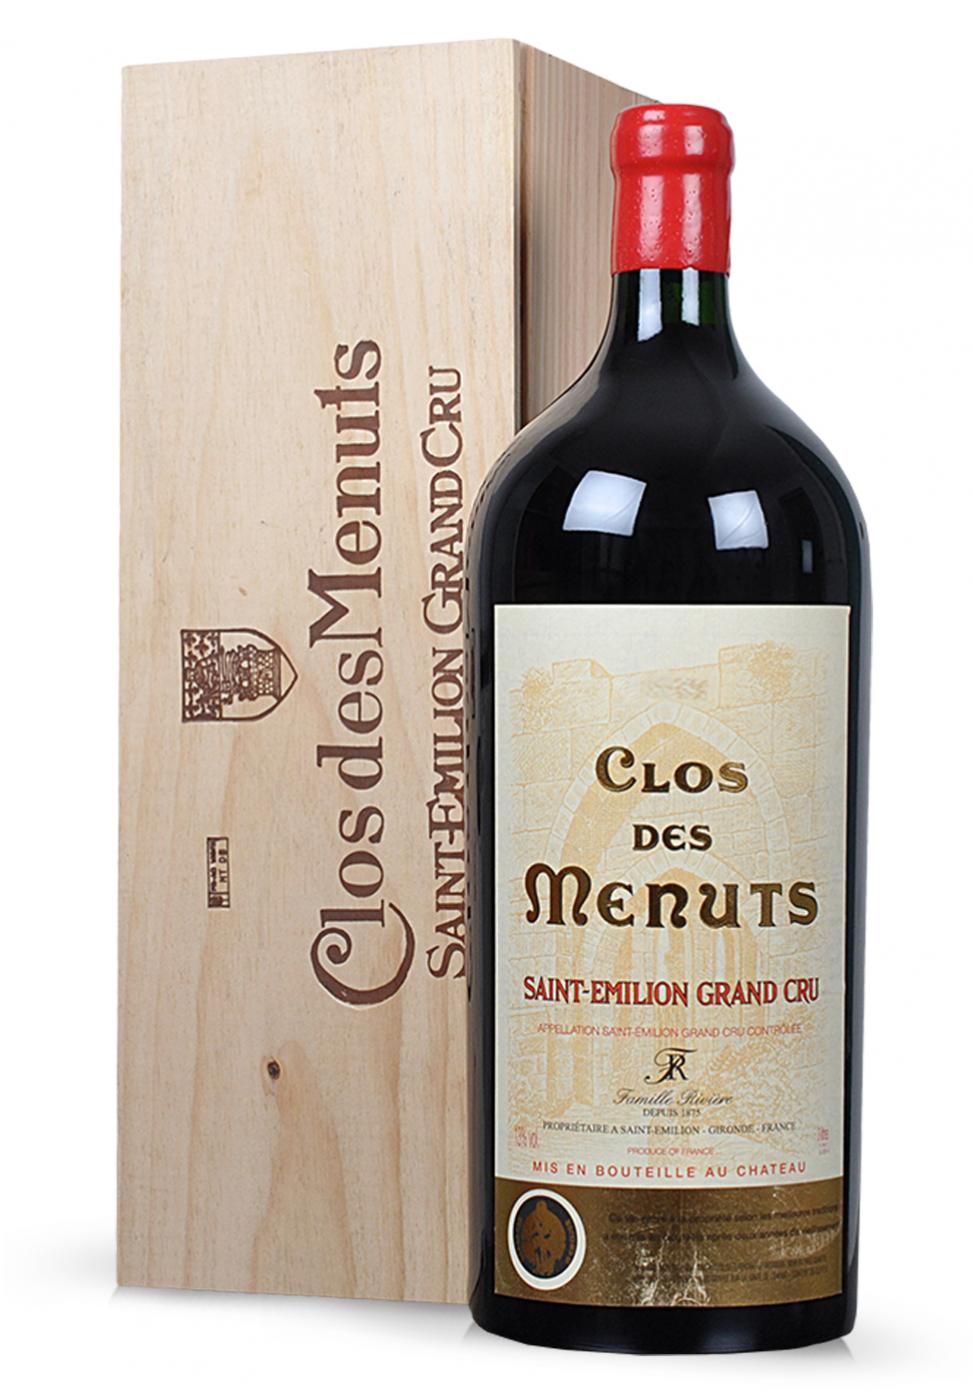 Vin Clos de Menuts, Saint-Emilion Grand Cru, 2010 (3L)